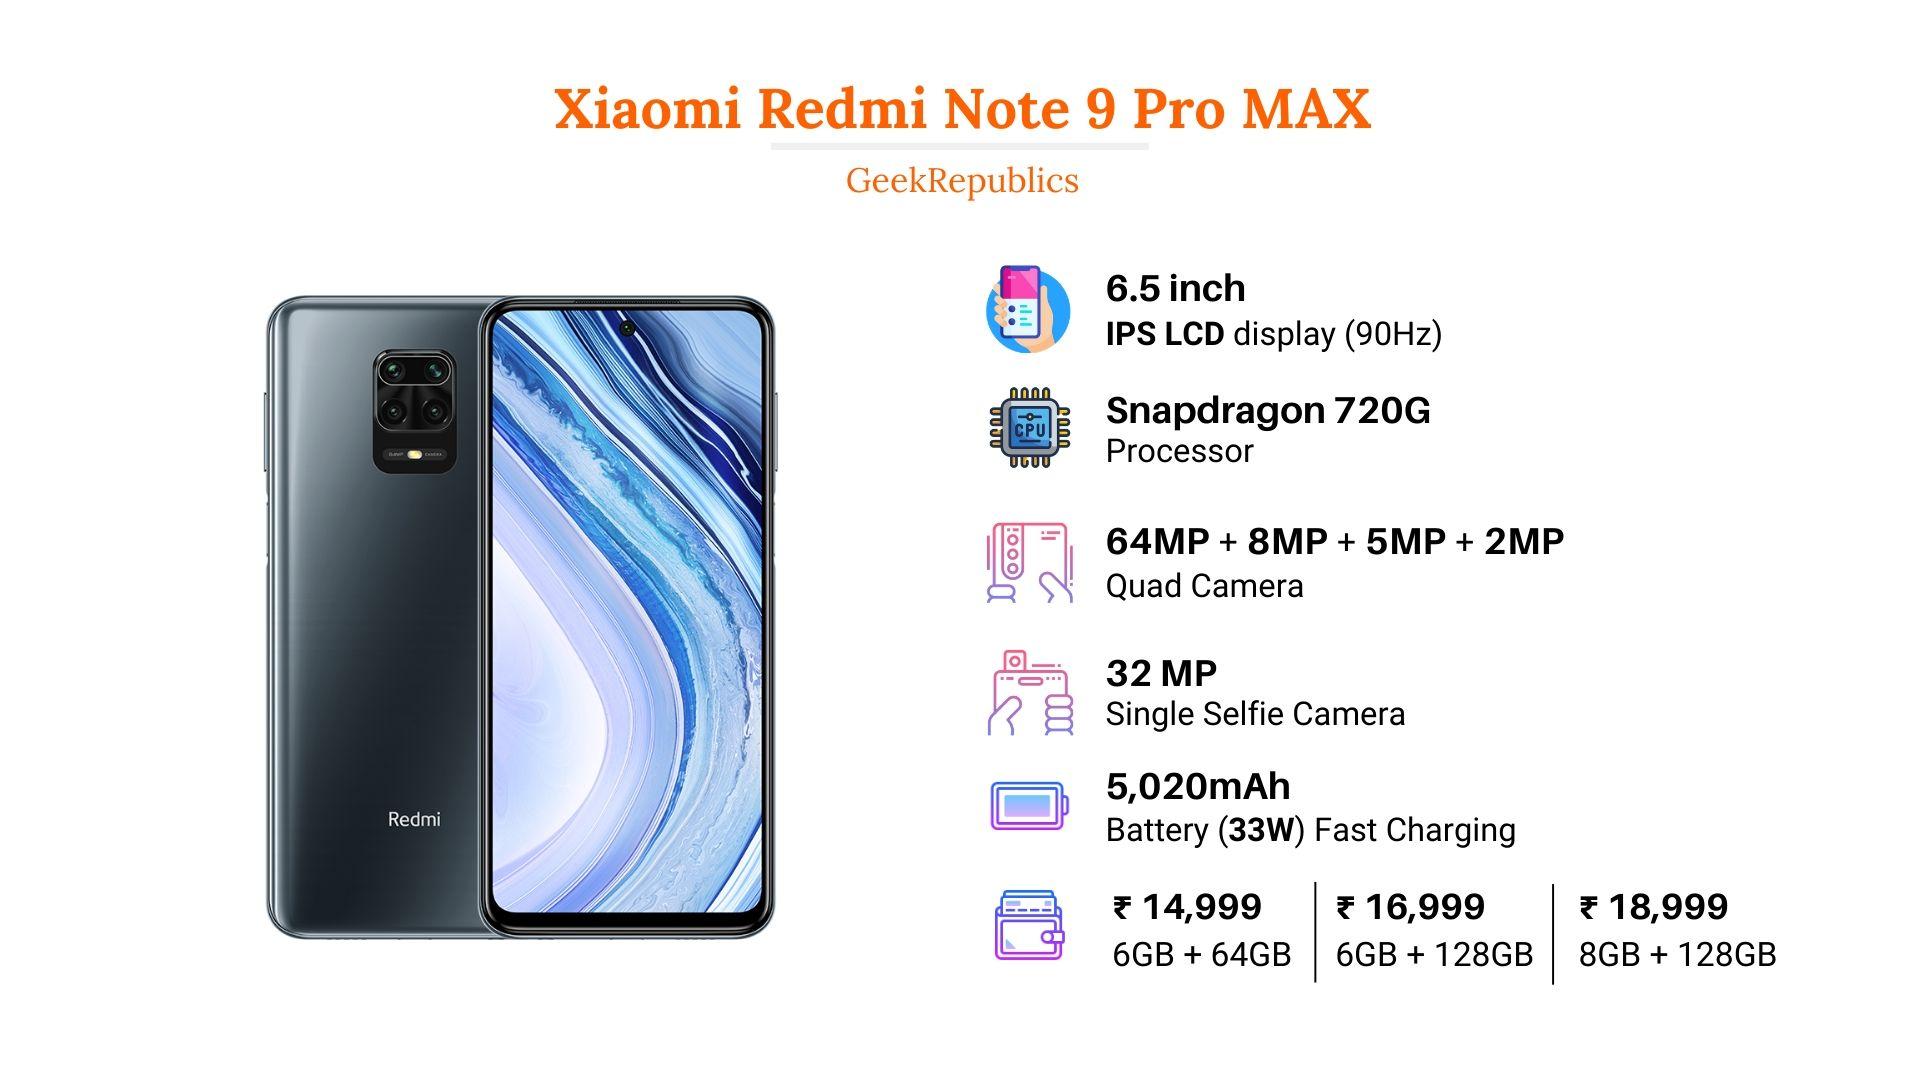 Xiaomi Redmi Note 9 Pro MAX Price in India